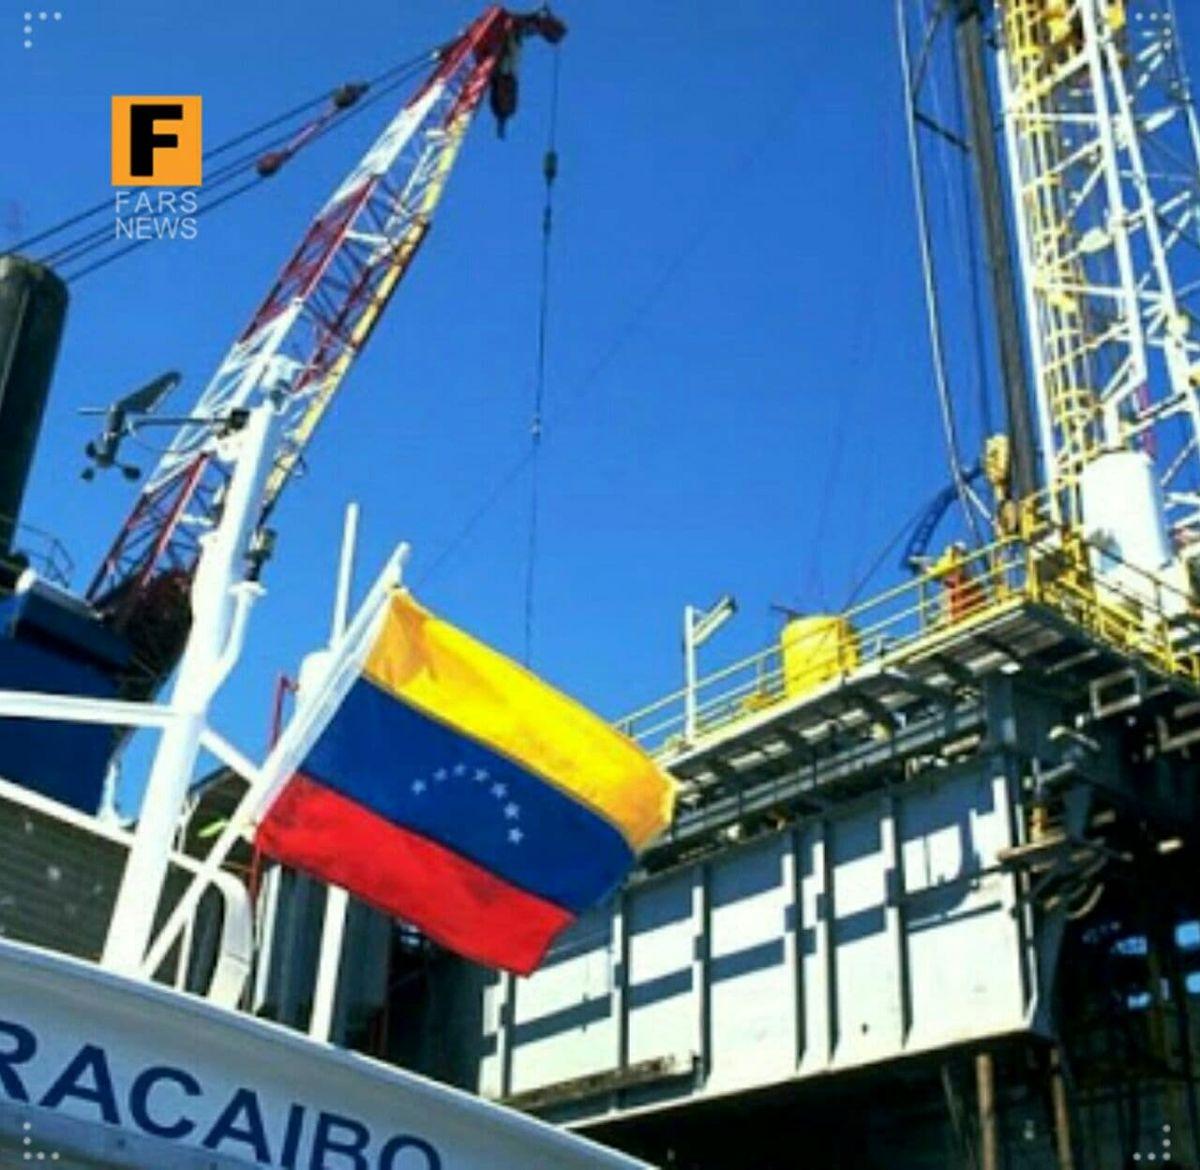 ونزوئلا: توجهای به تحریمهای آمریکا نداریم